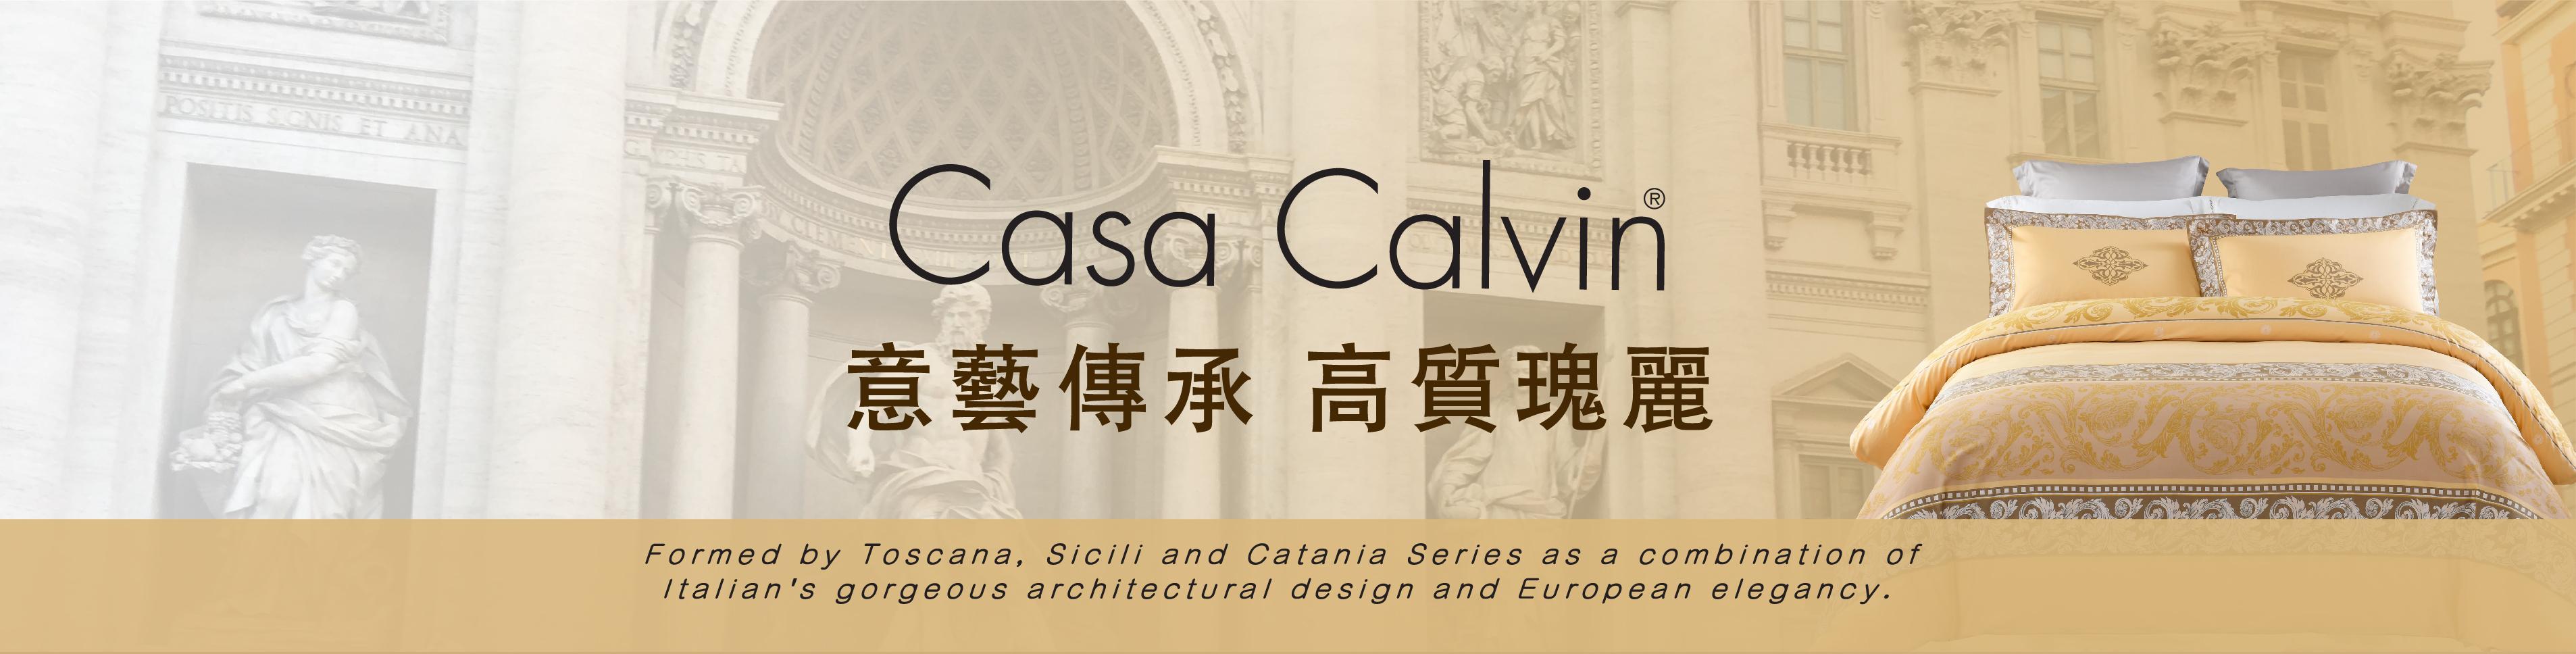 Casa Calvin